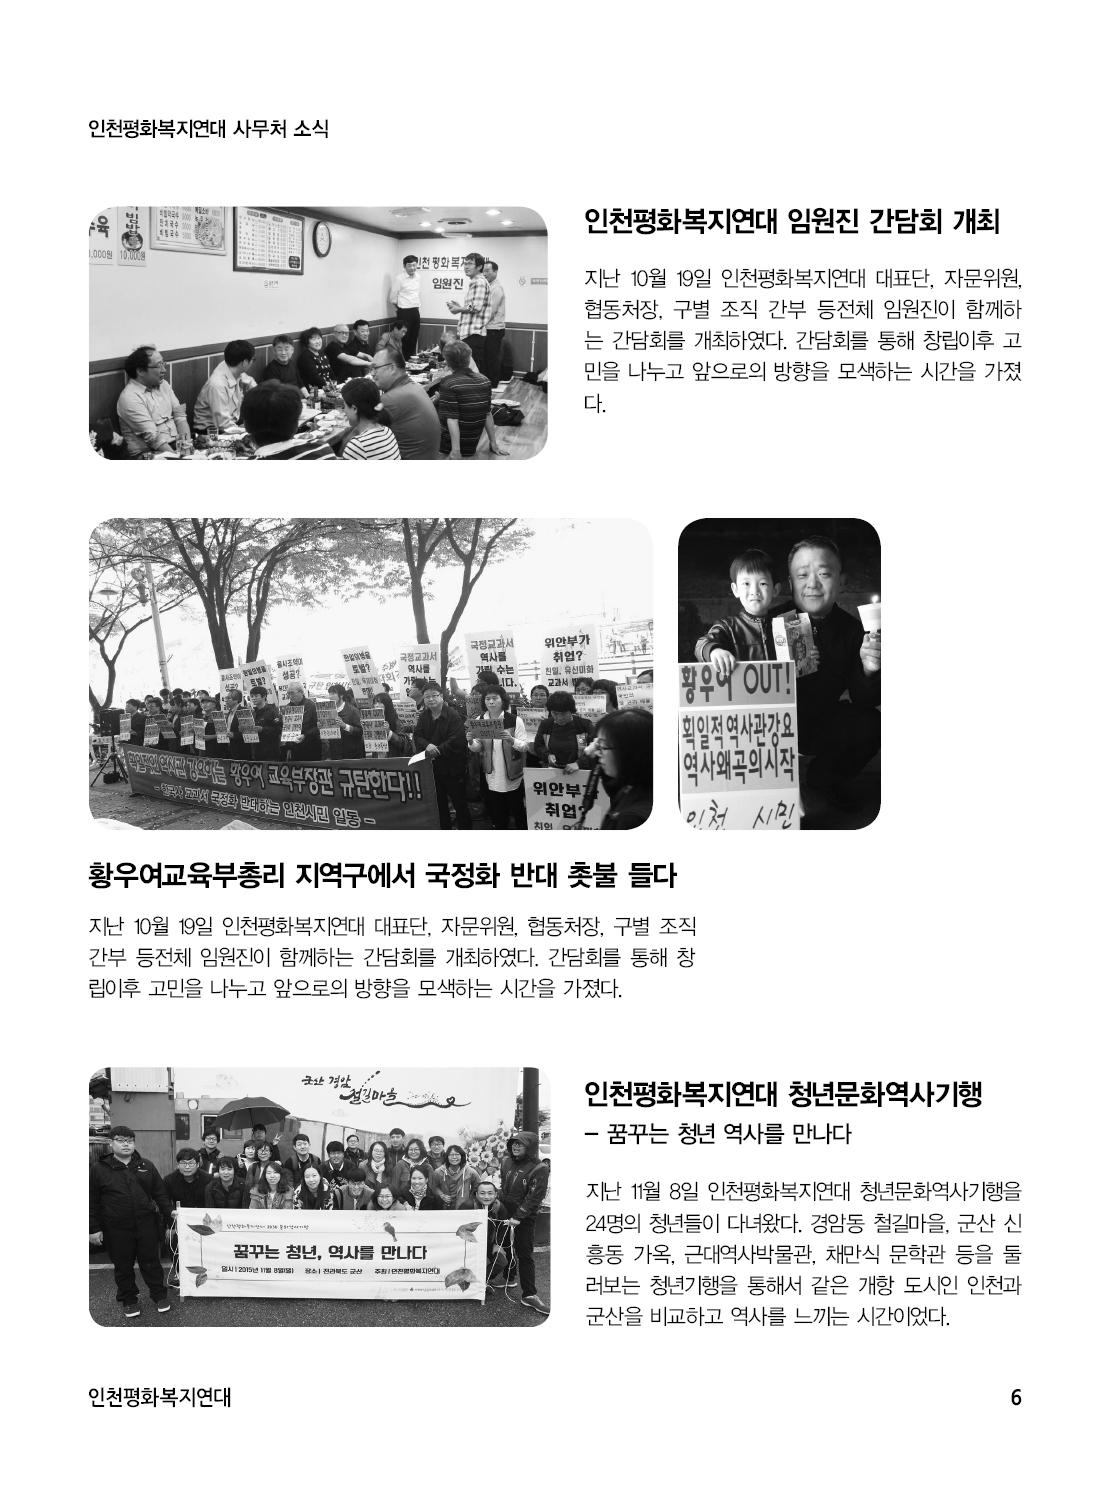 아웃라인 인천평화복지연대 창간준비2호6.jpg